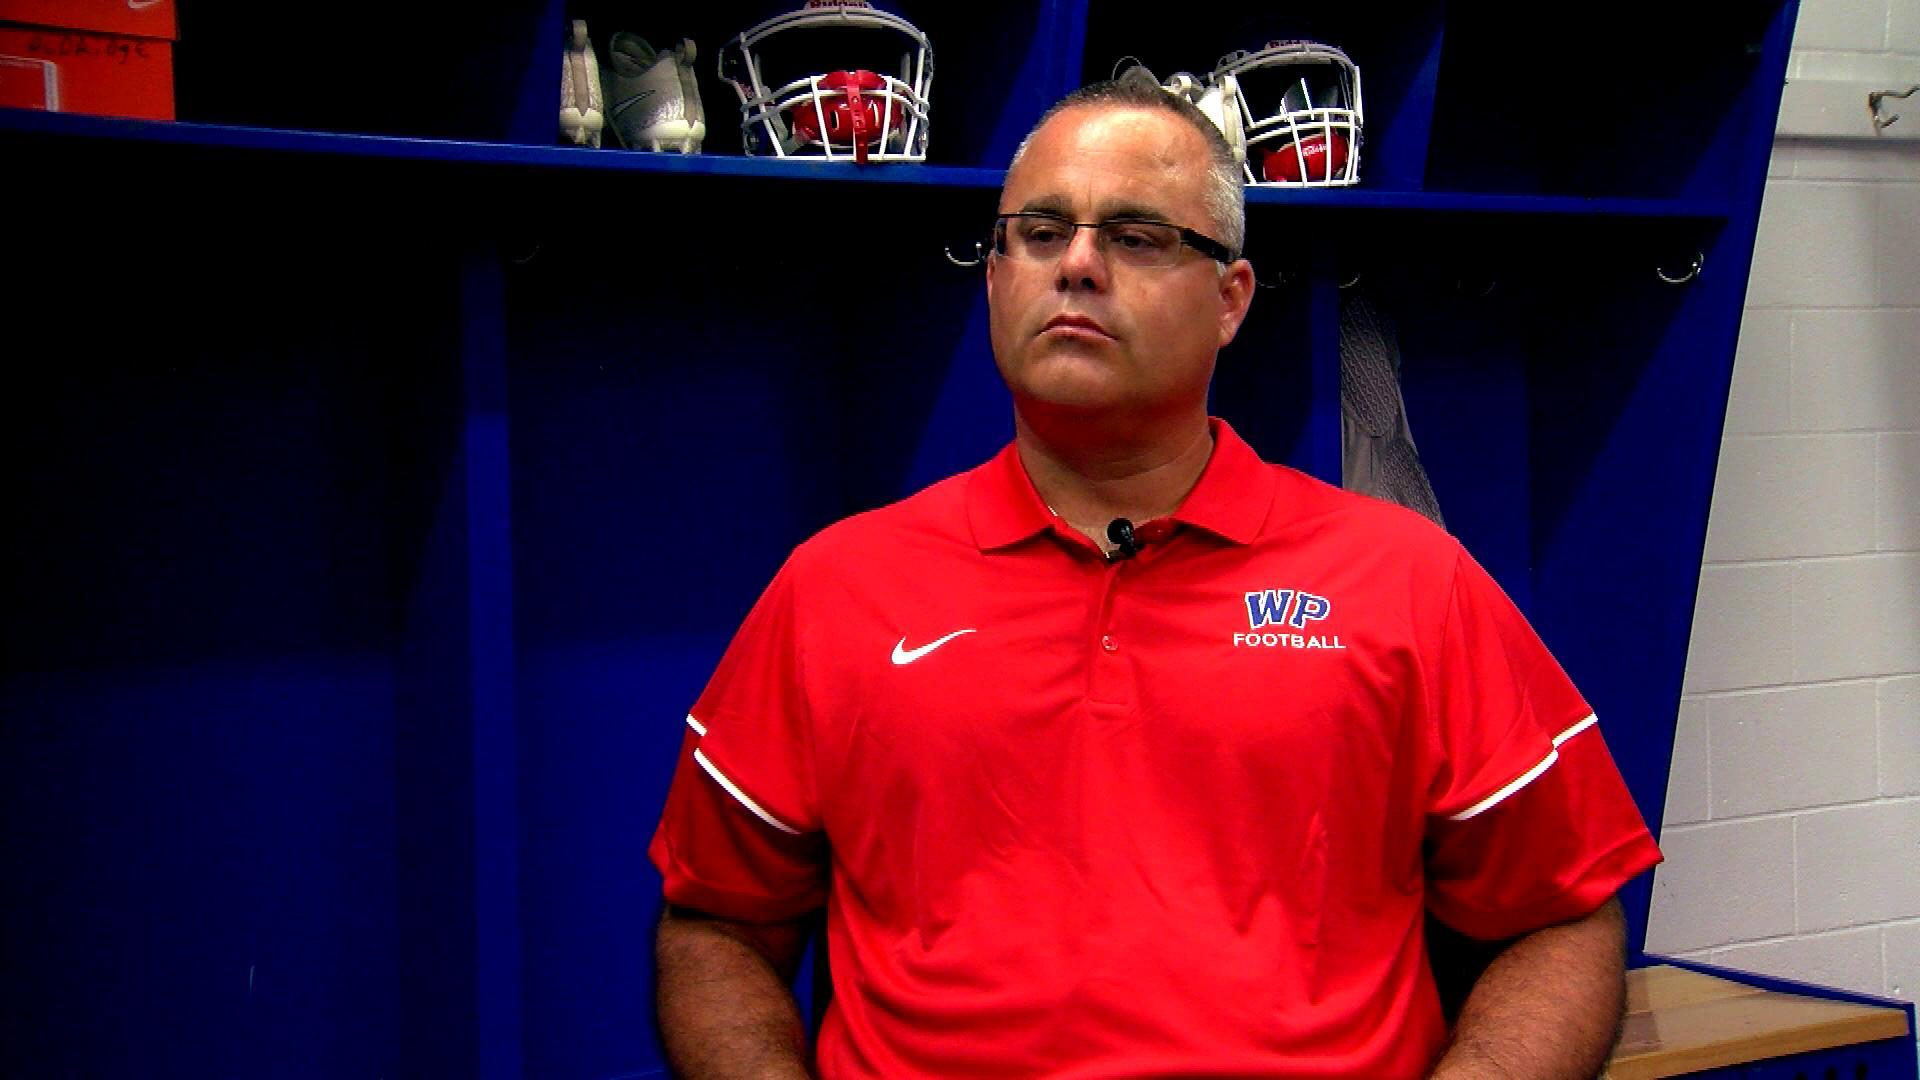 Coach Chris Dougherty